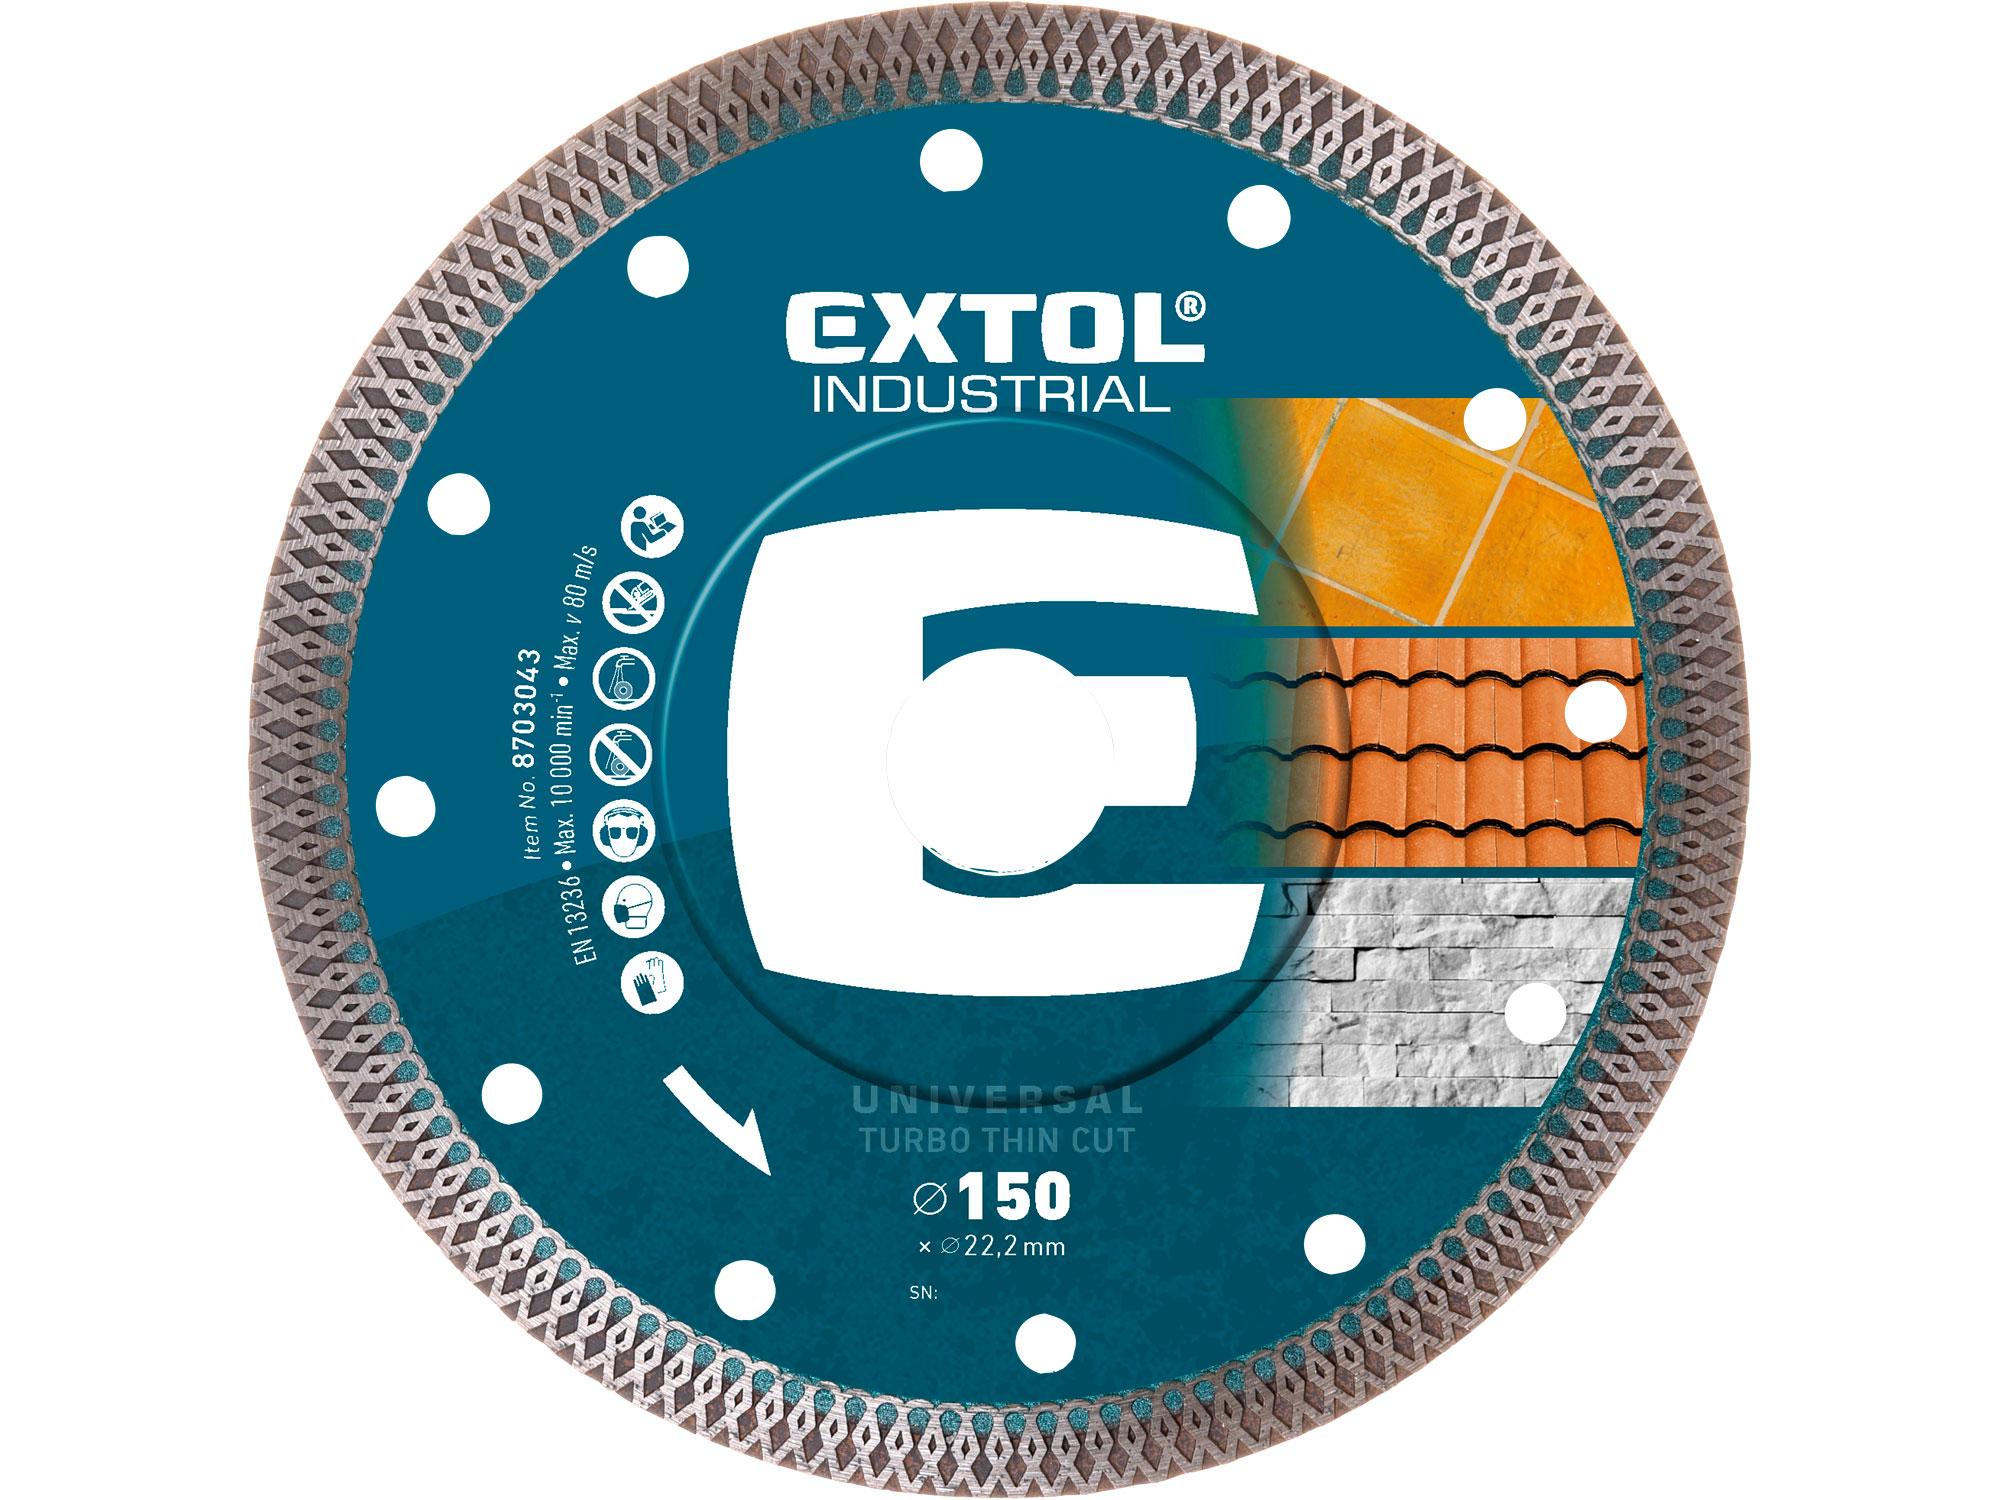 150mm Diamond Cutting Disc,Turbo Thin Wet&Dry Cut, 150mm OD, 22.2mm ID, 1.8mm thk